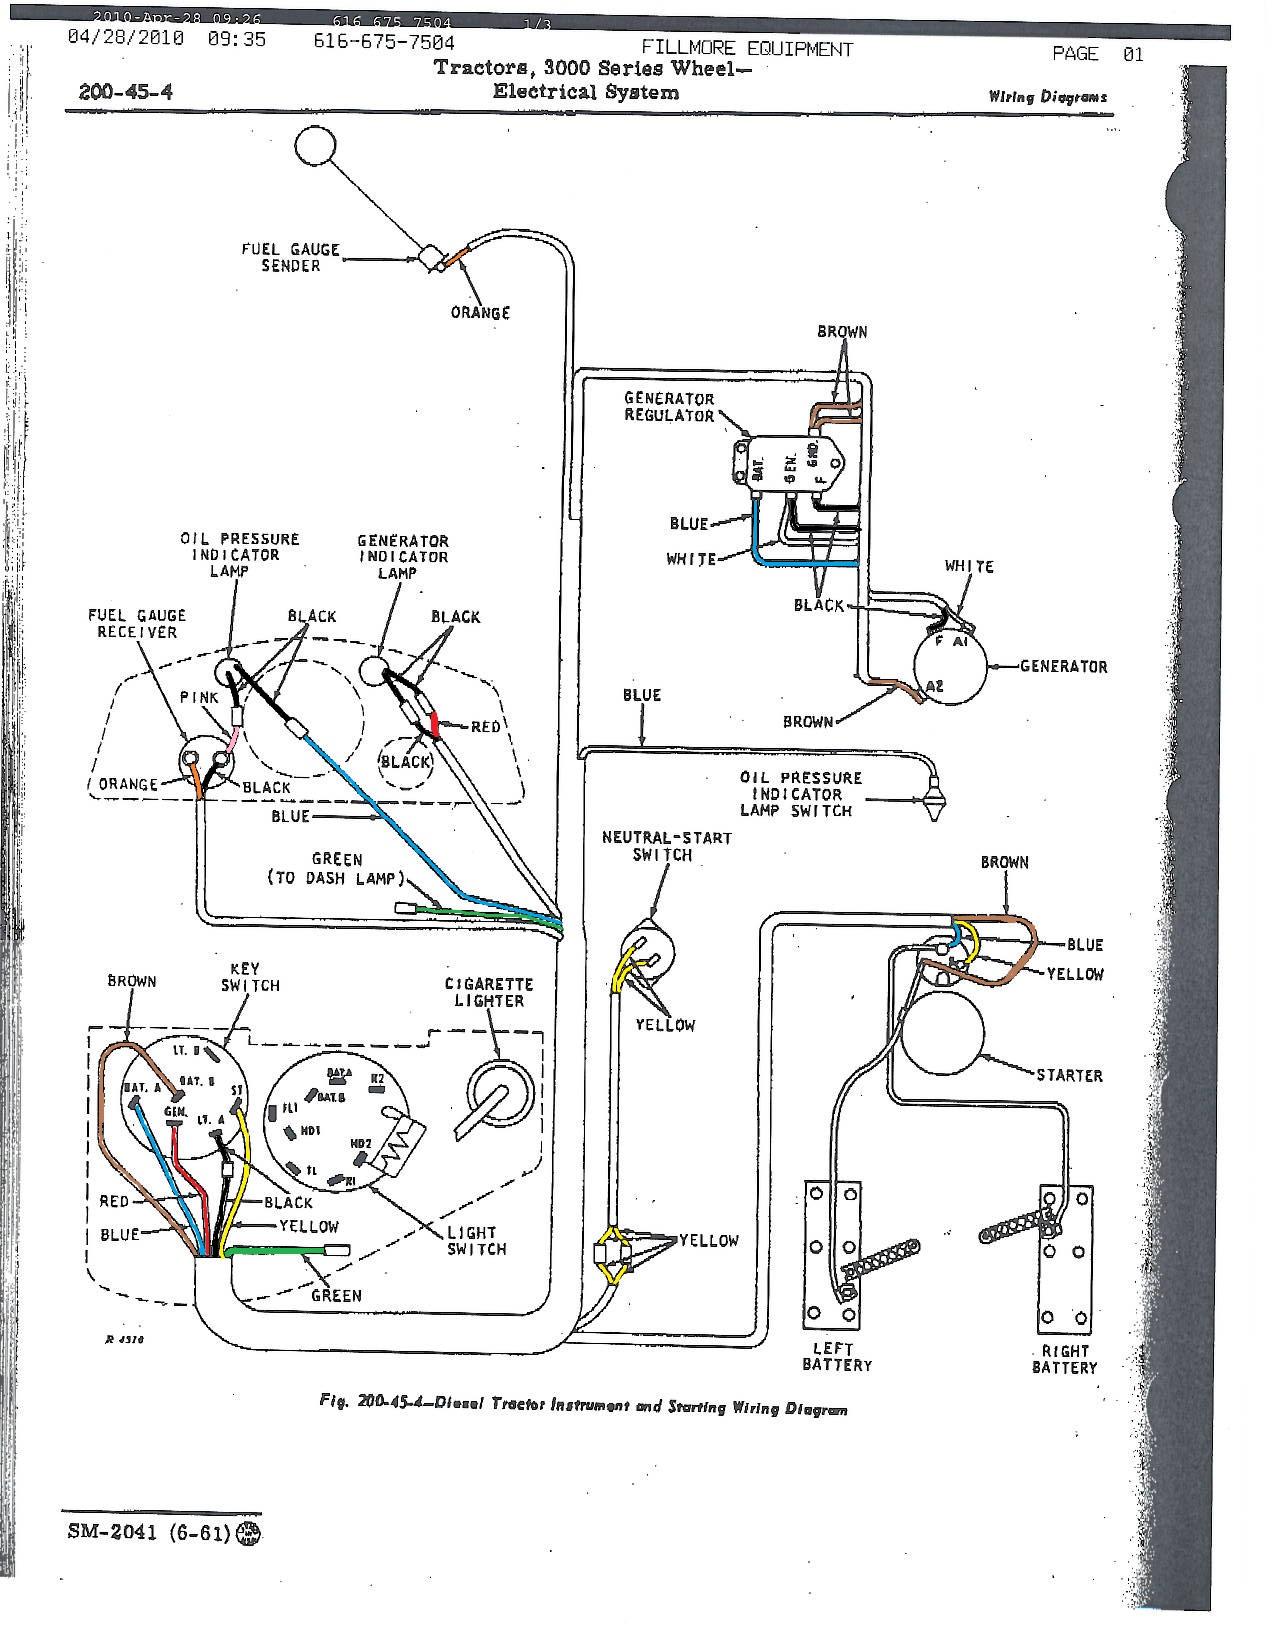 Enjoyable John Deere Electrical Diagrams Wiring Diagram Wiring Cloud Gufailluminateatxorg